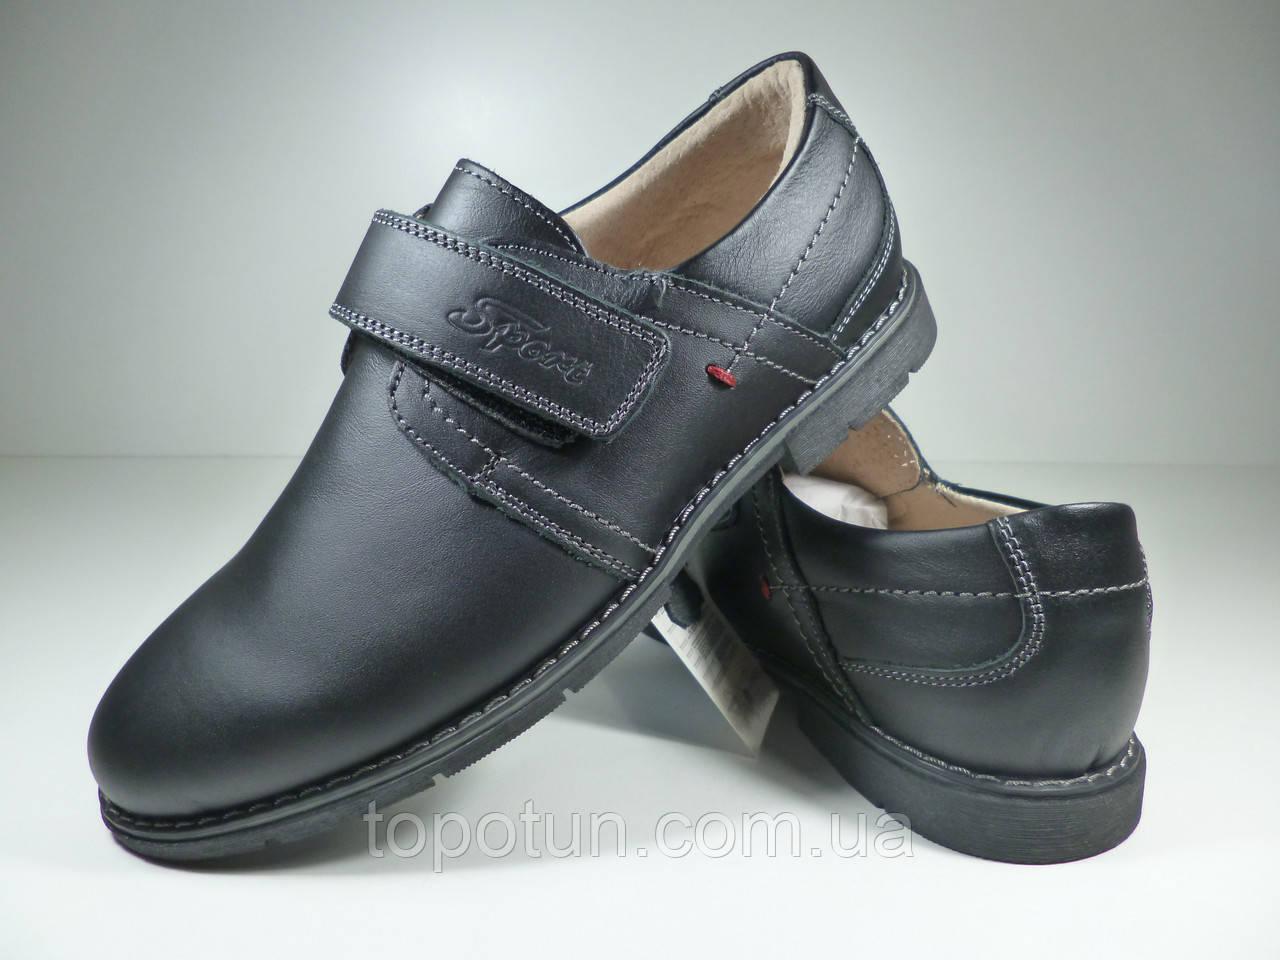 Школьные туфли для мальчика Солнце кожа р. 32,33,35,36,37